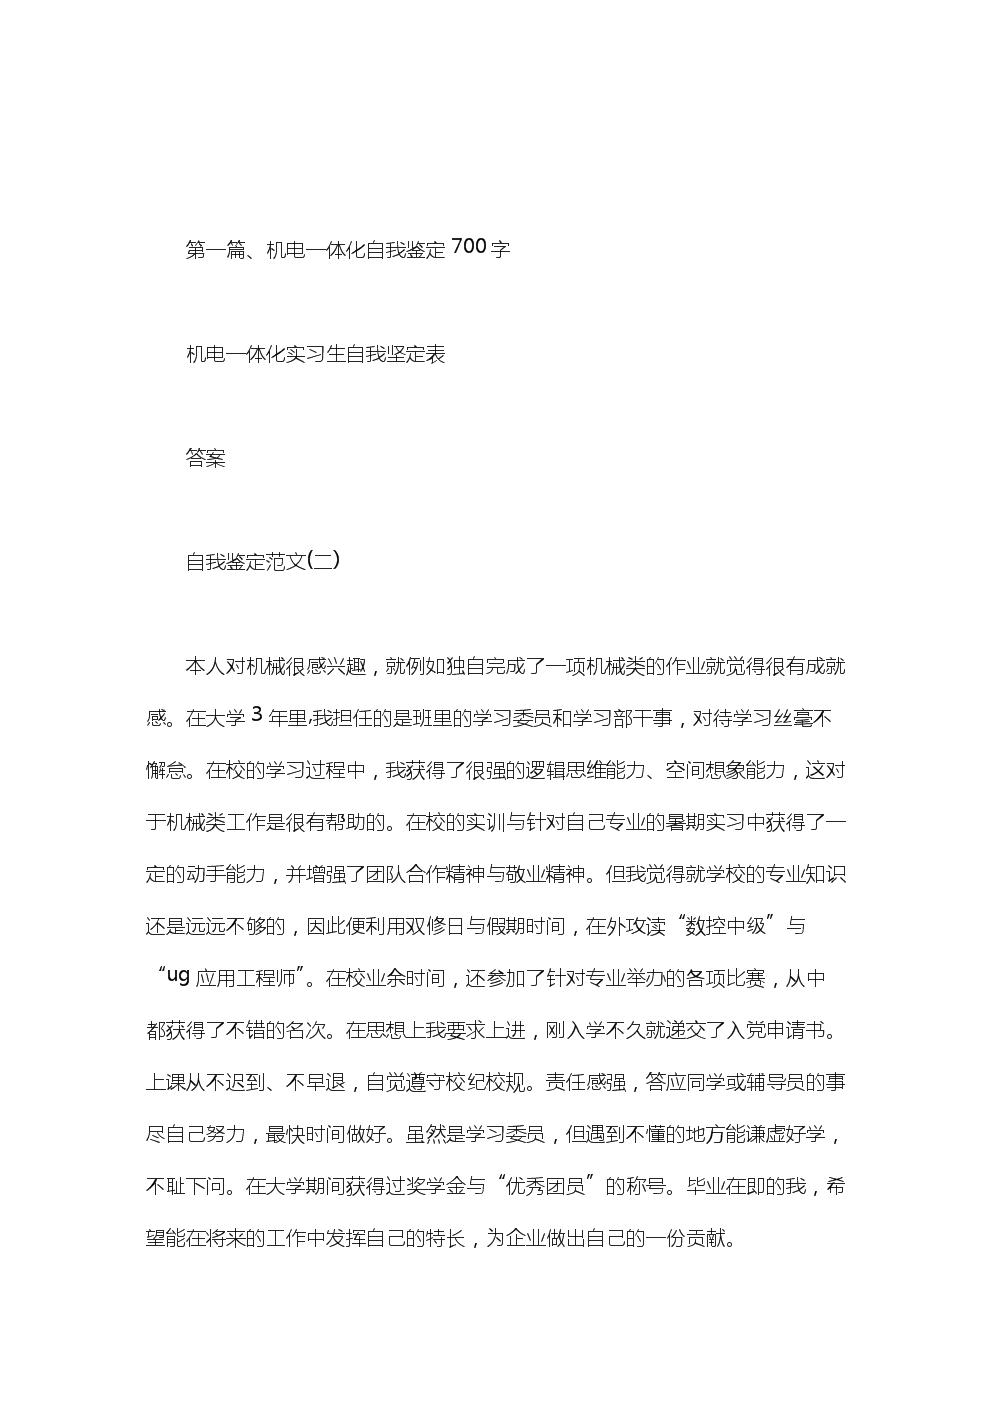 机电一体化实习生自我坚定表.doc